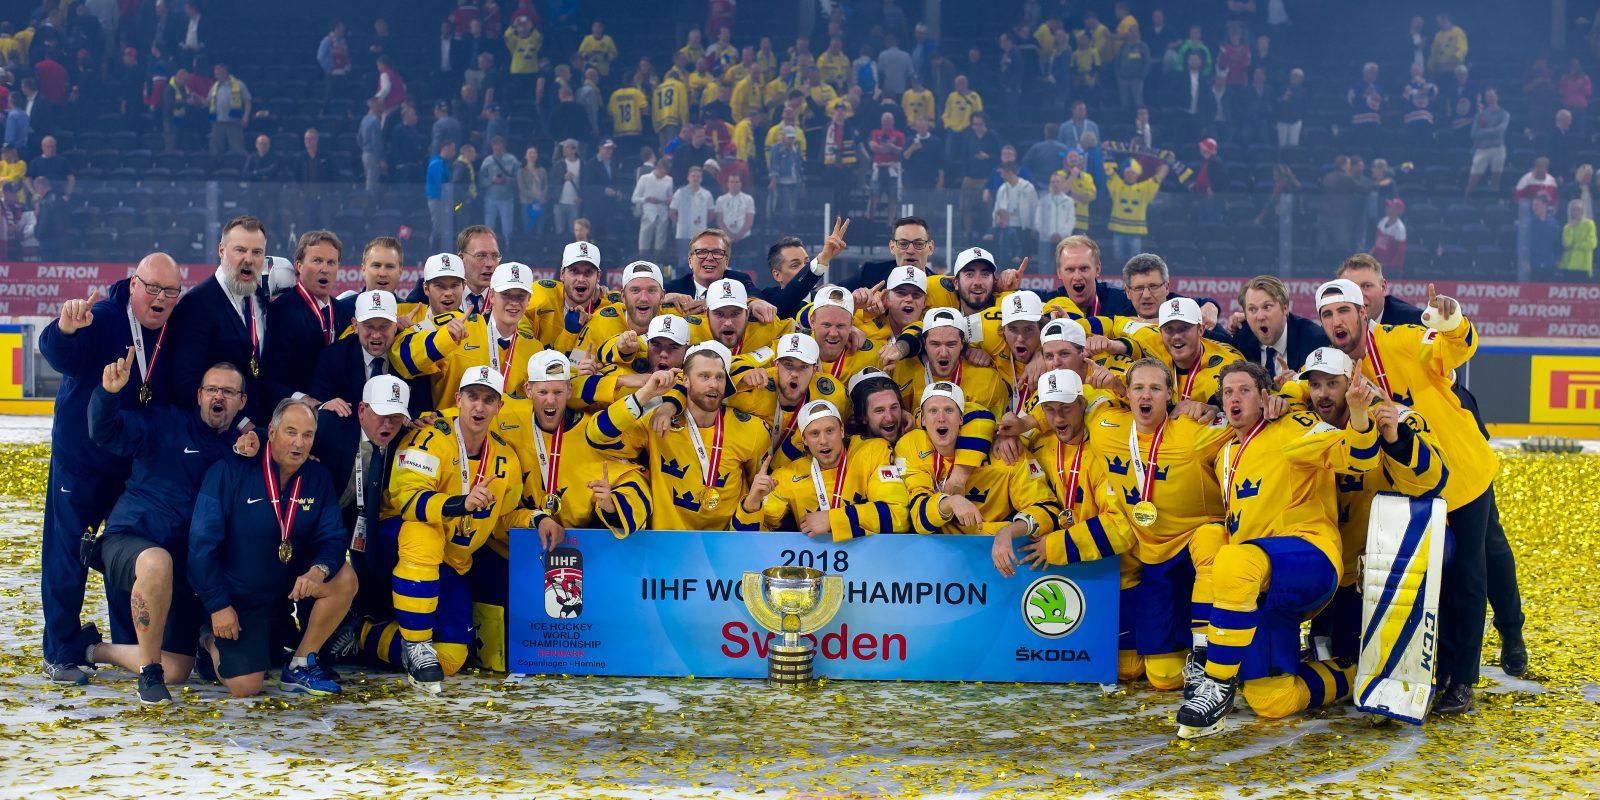 GULD: Tre Kronor vinner VM efter straffdrama